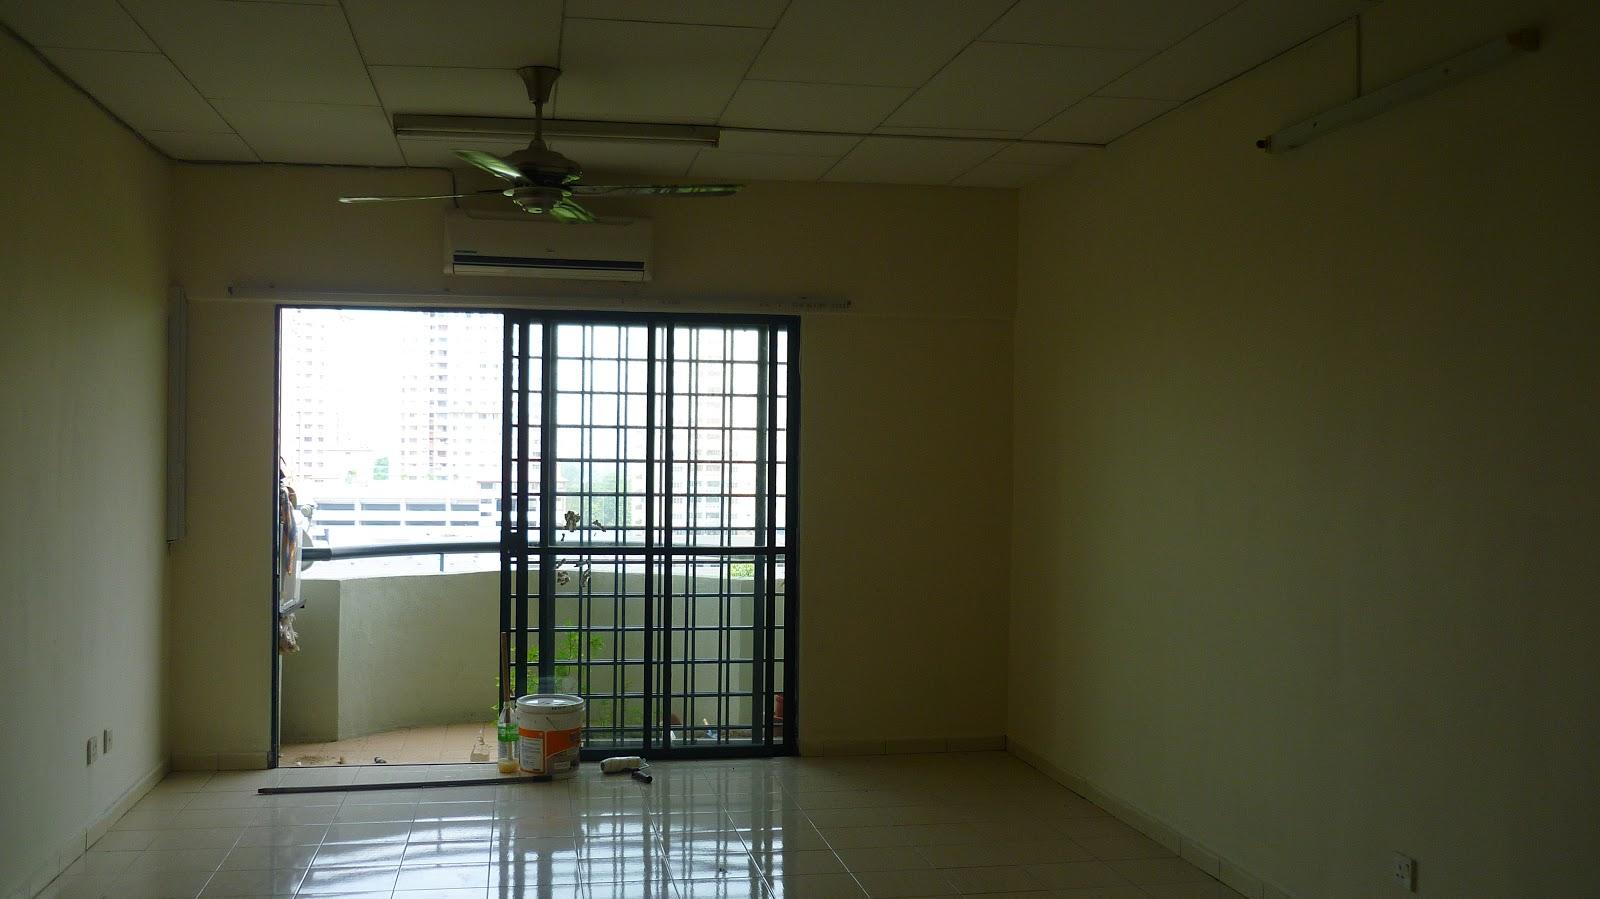 Idaman Putra Condominium Setapak For Rent